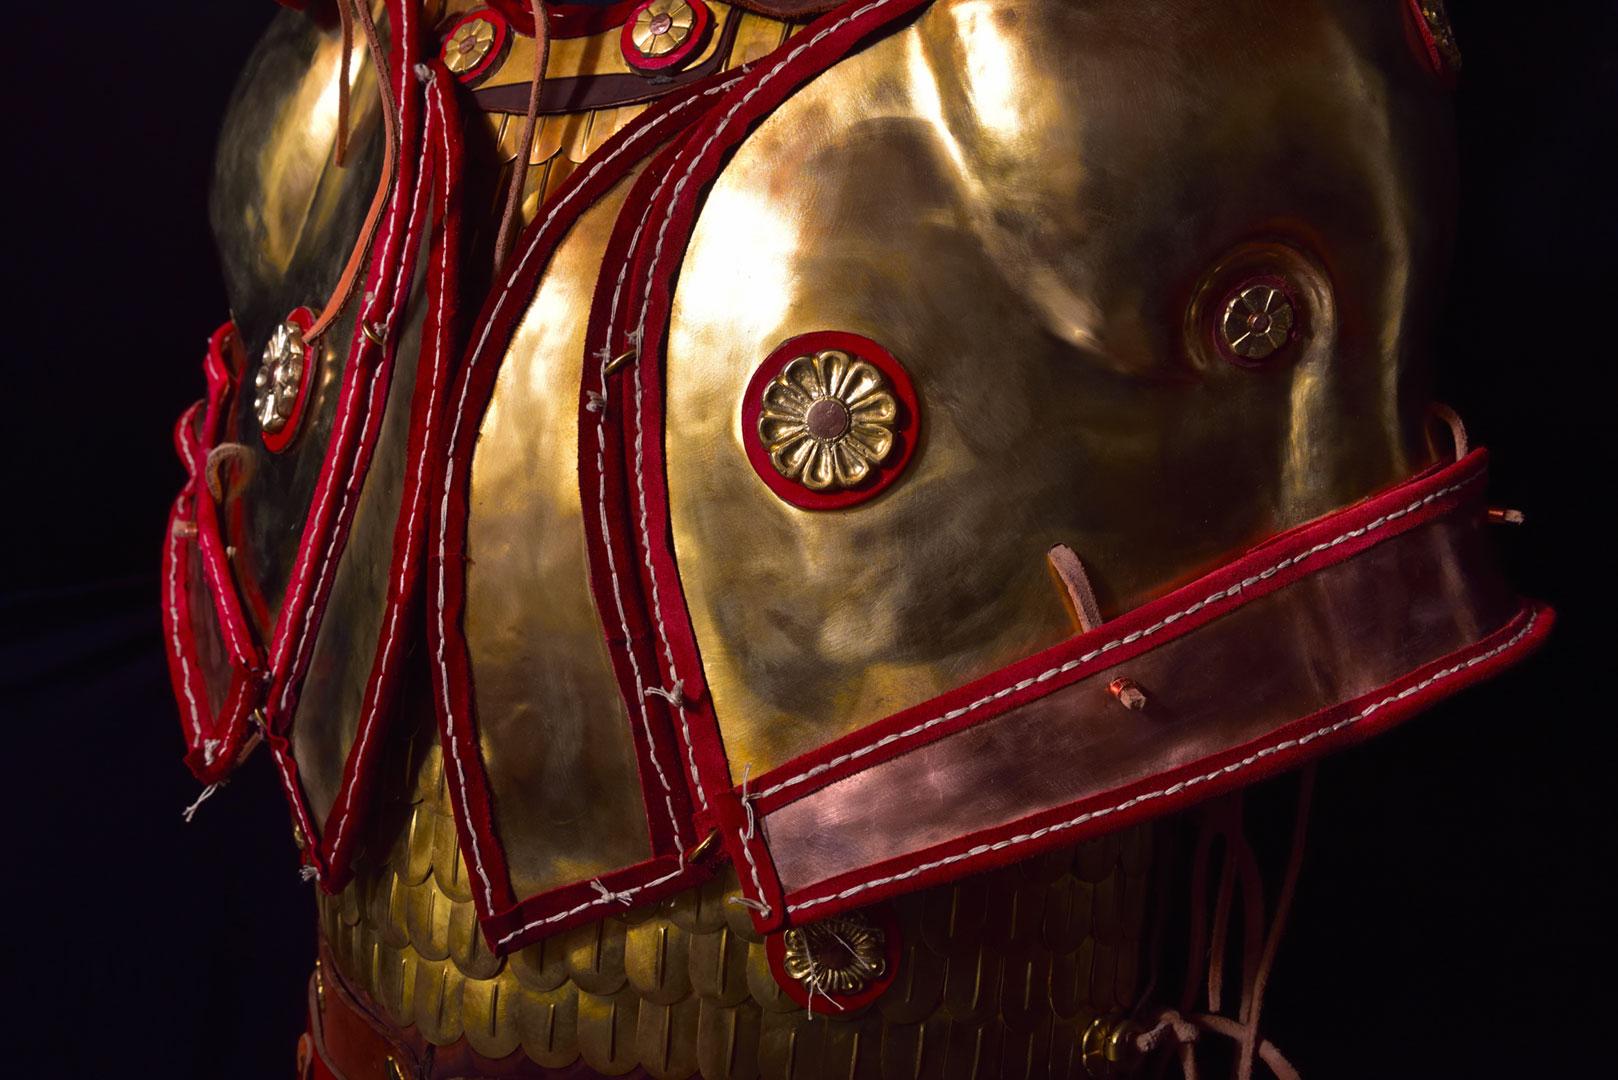 Θώρακας του Αγαμέμνονα